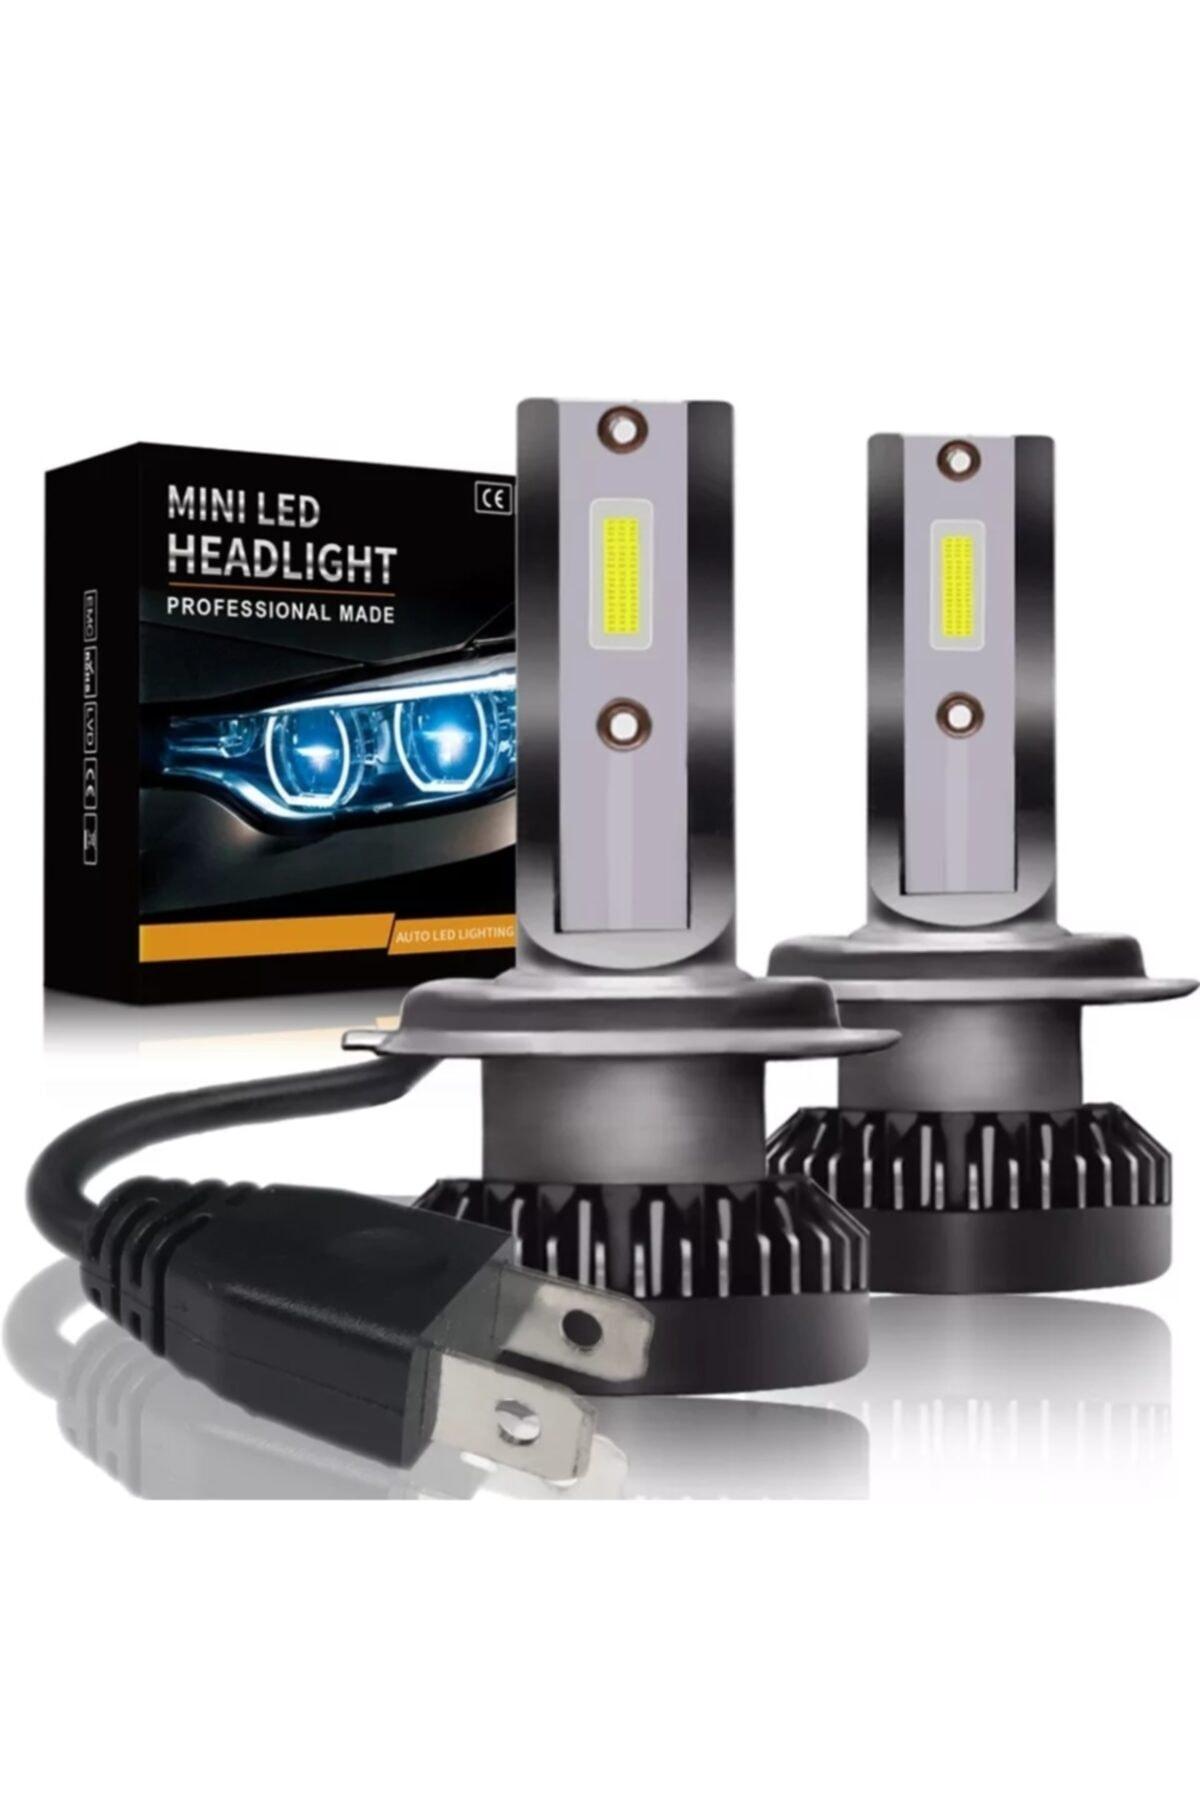 Xenon Mini Zenon H7 Led 2 Adet Şimşek Etkili Led Zenon 8000 Lümen 38 W Süper Güçlü Beyaz Işık 1